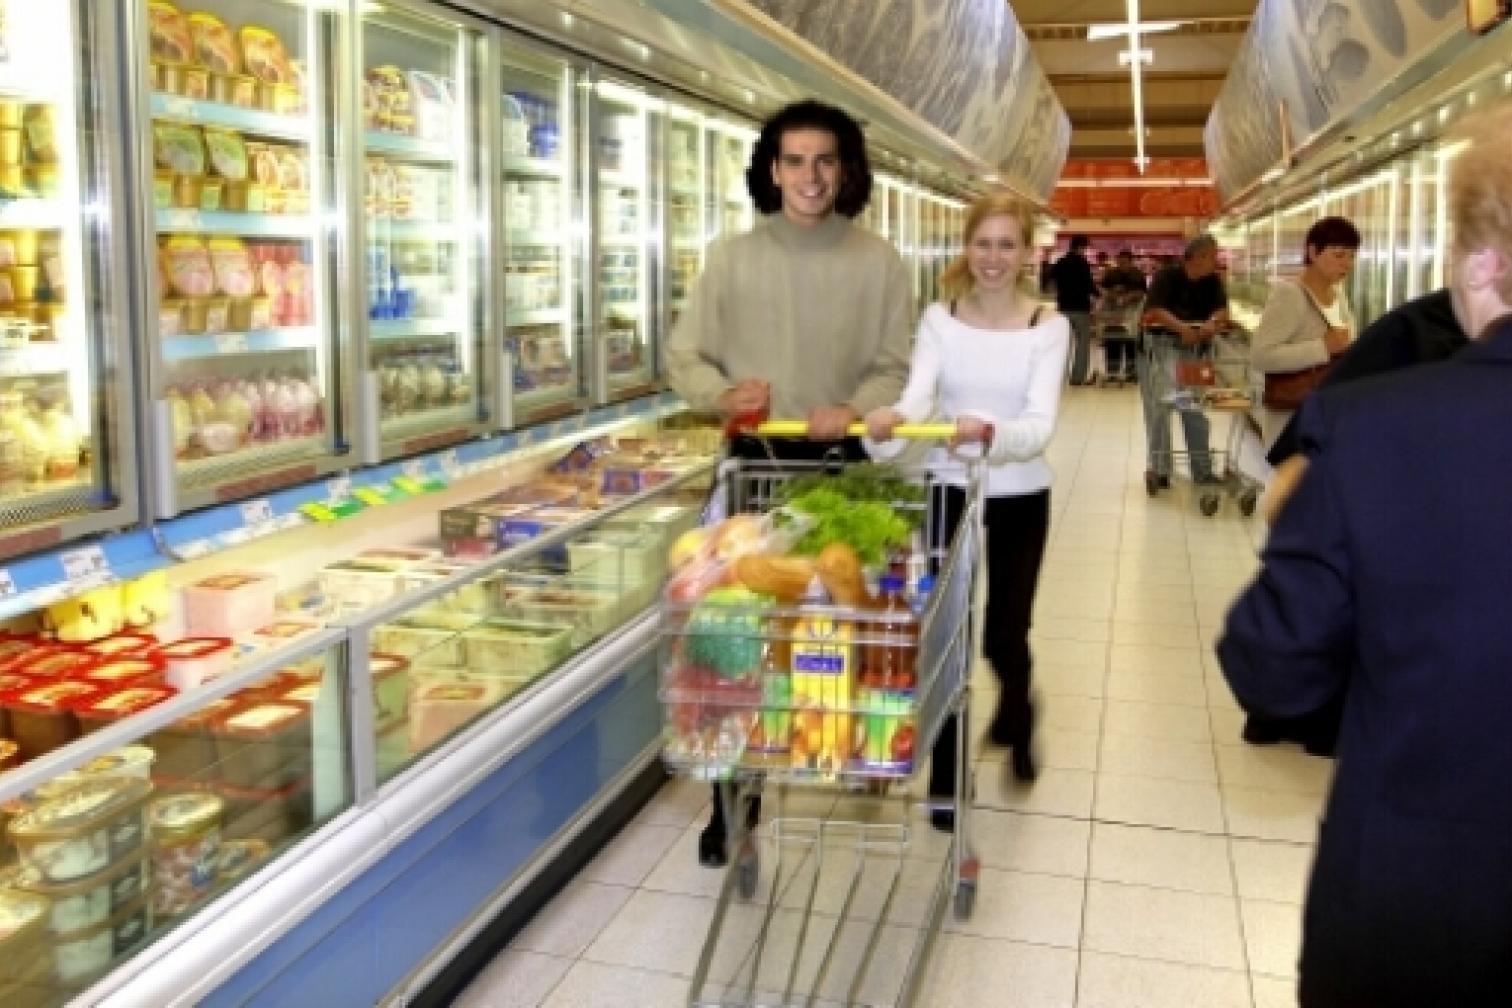 Menschen im Supermarkt - Einkauf